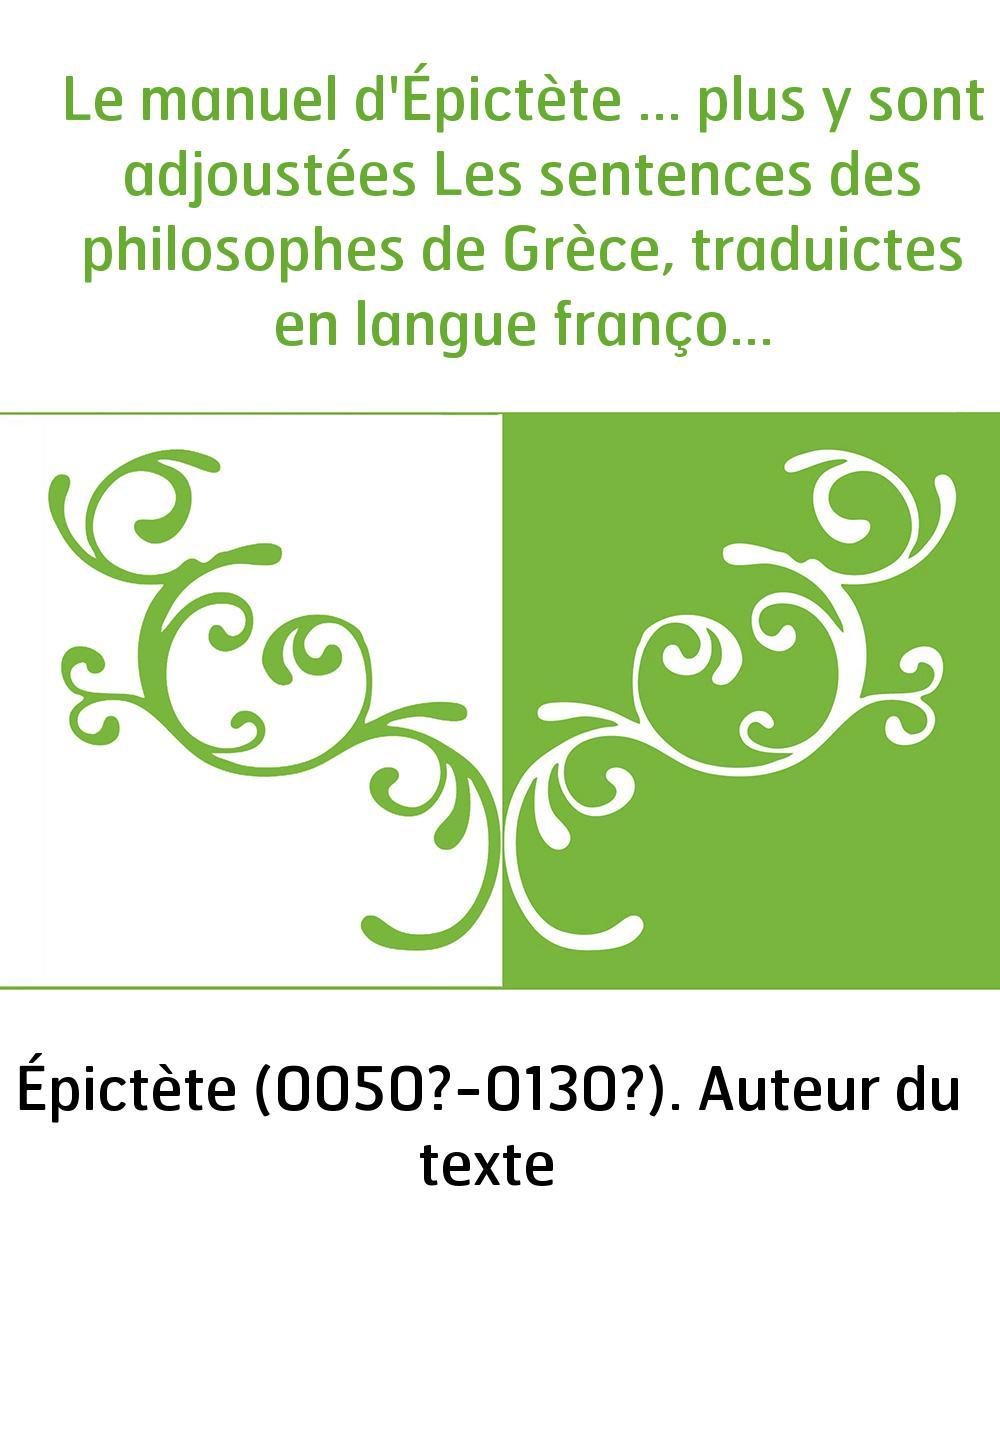 Le manuel d'Épictète ... plus y sont adjoustées Les sentences des philosophes de Grèce, traduictes en langue françoyse, par Anto